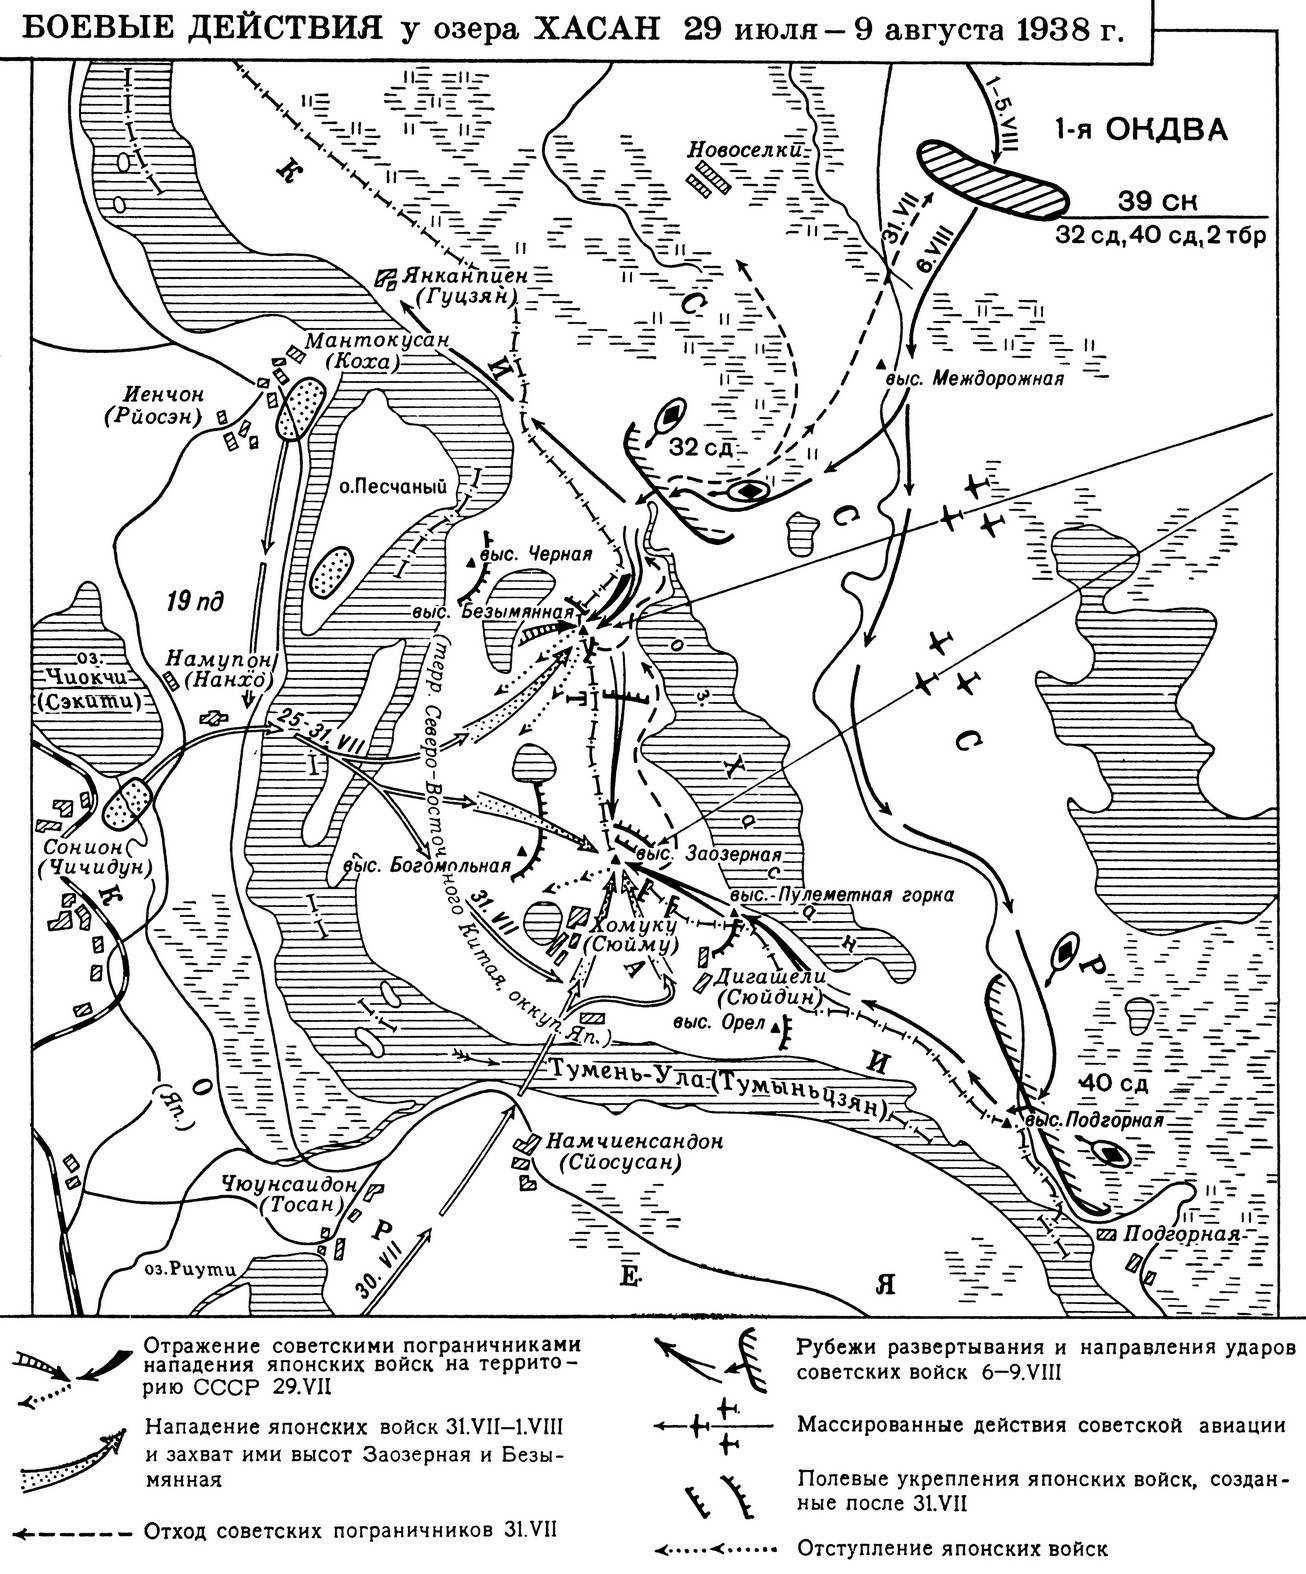 страницу пользователя, карты ркка 1941 приморский край зубной боли, разлитой